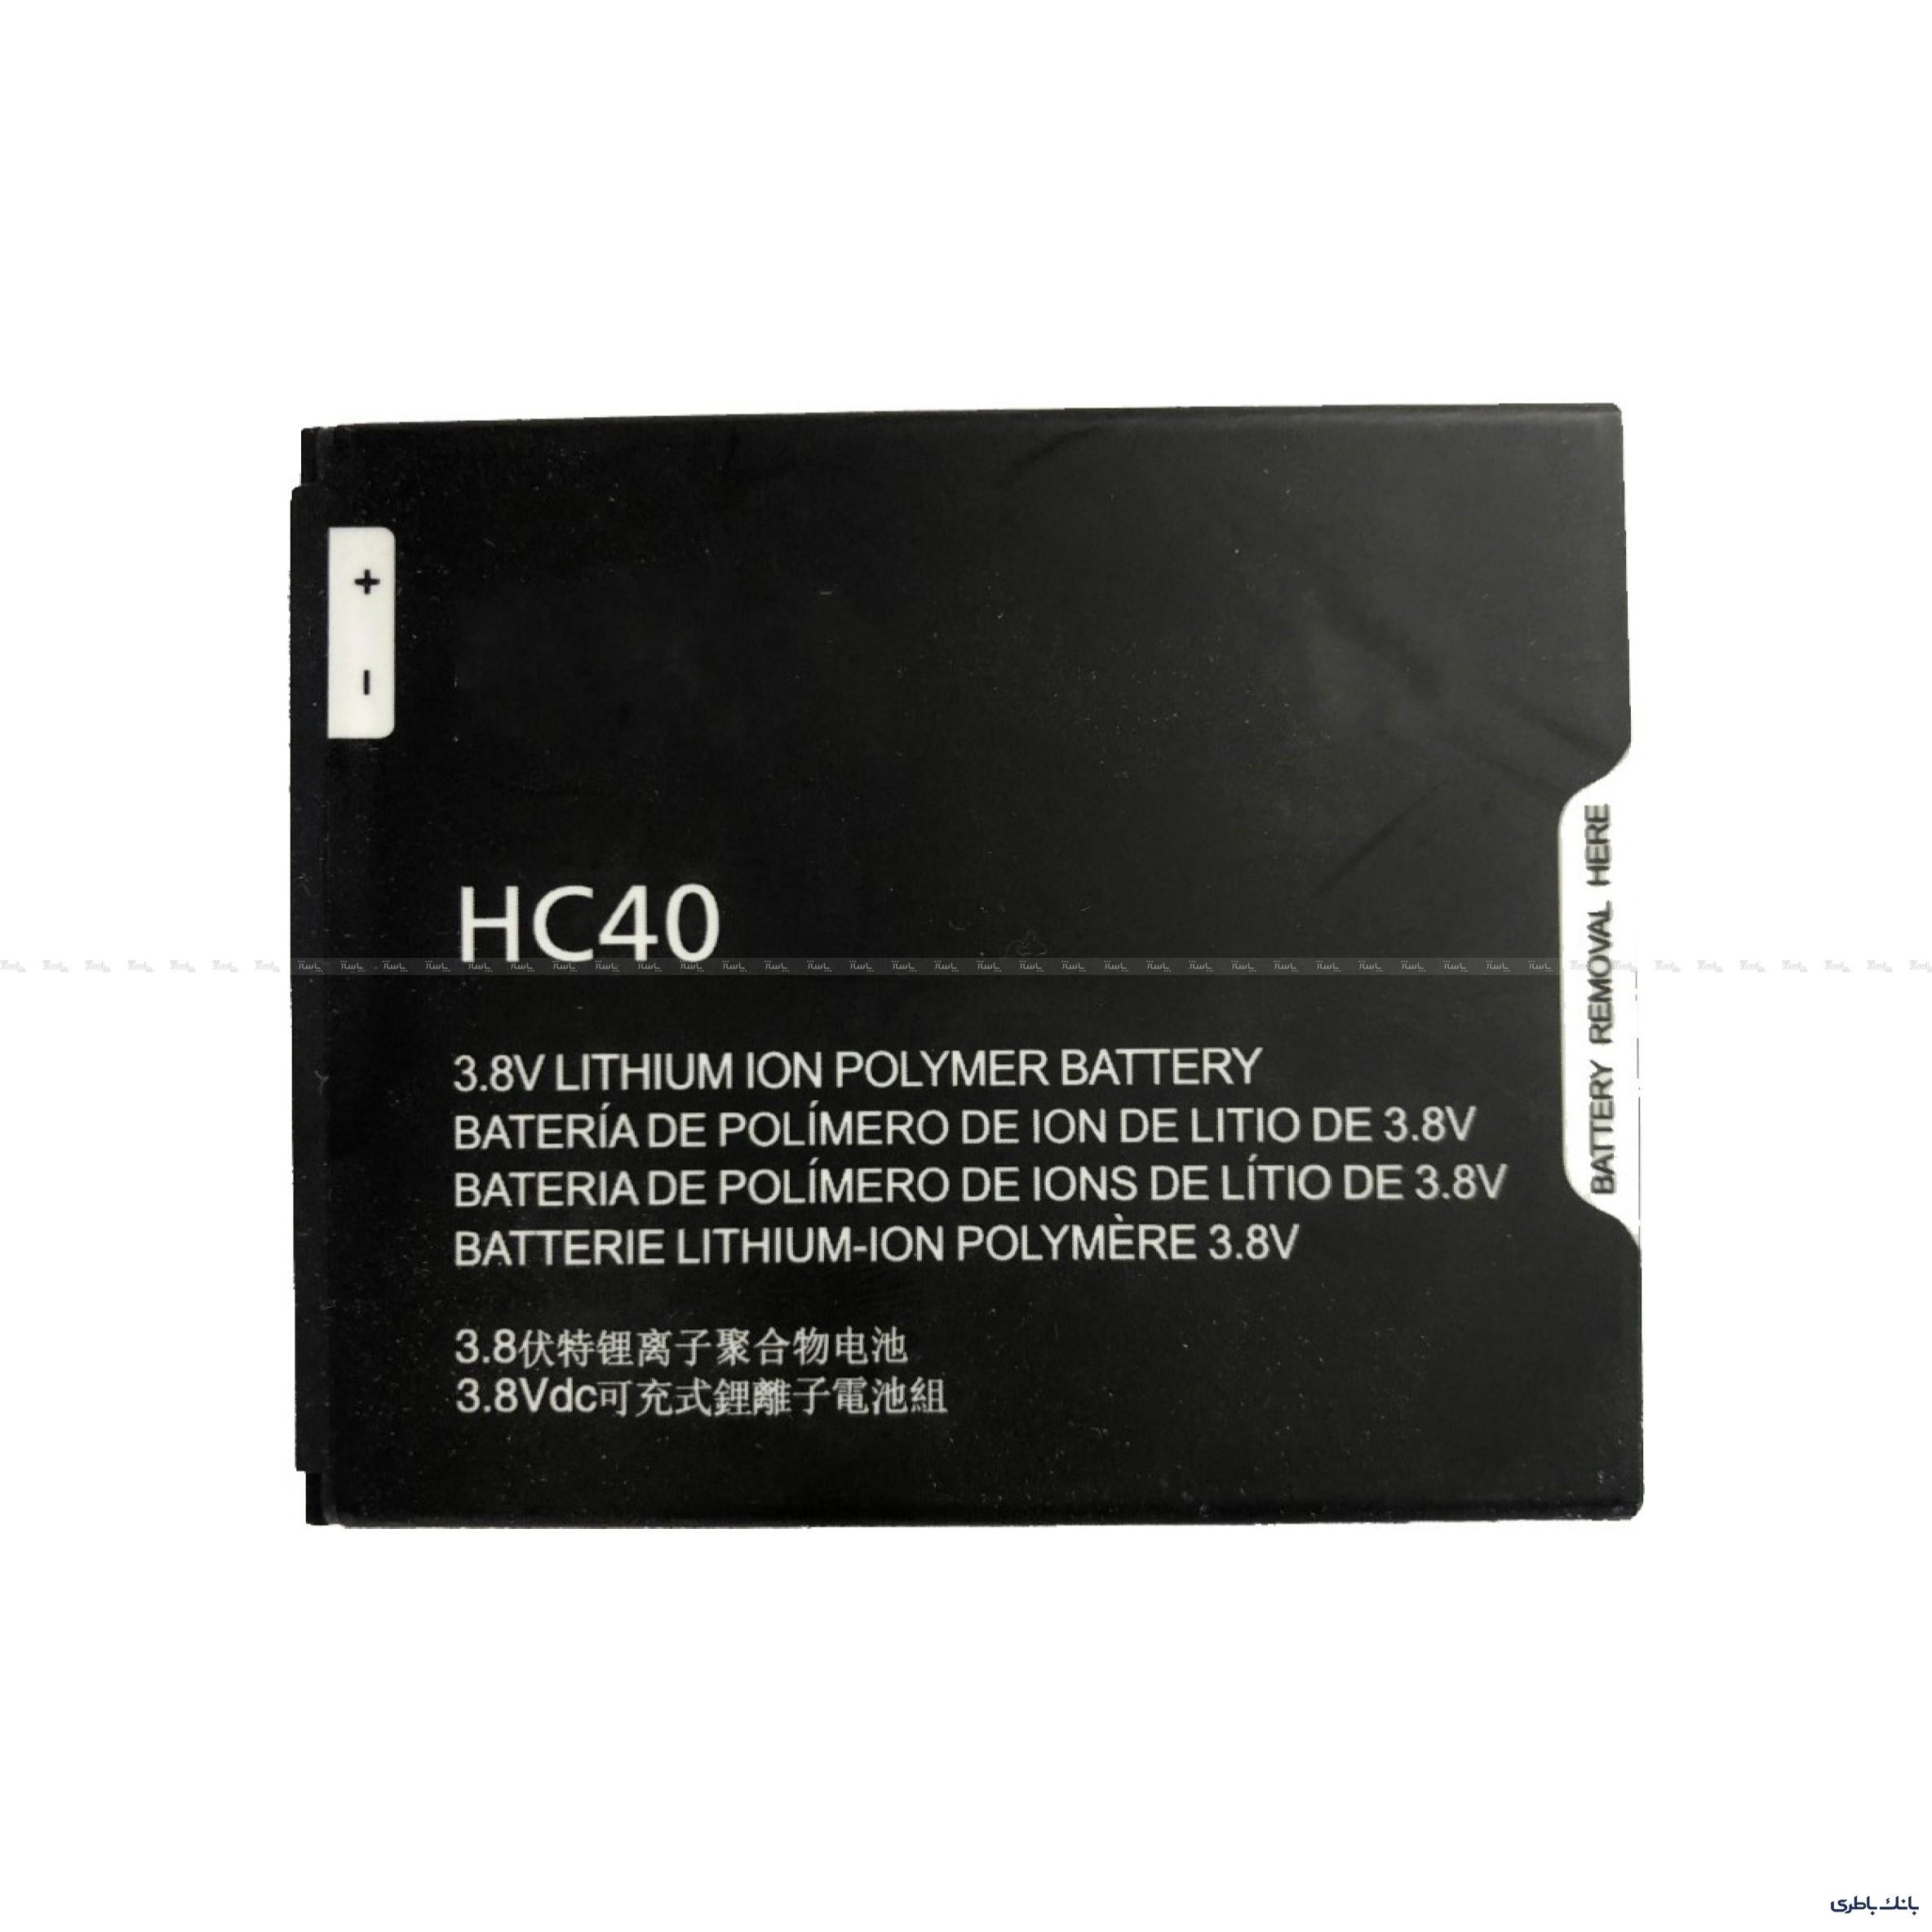 باتری موبایل موتورولا Moto C با کدفنی HC40-تصویر اصلی